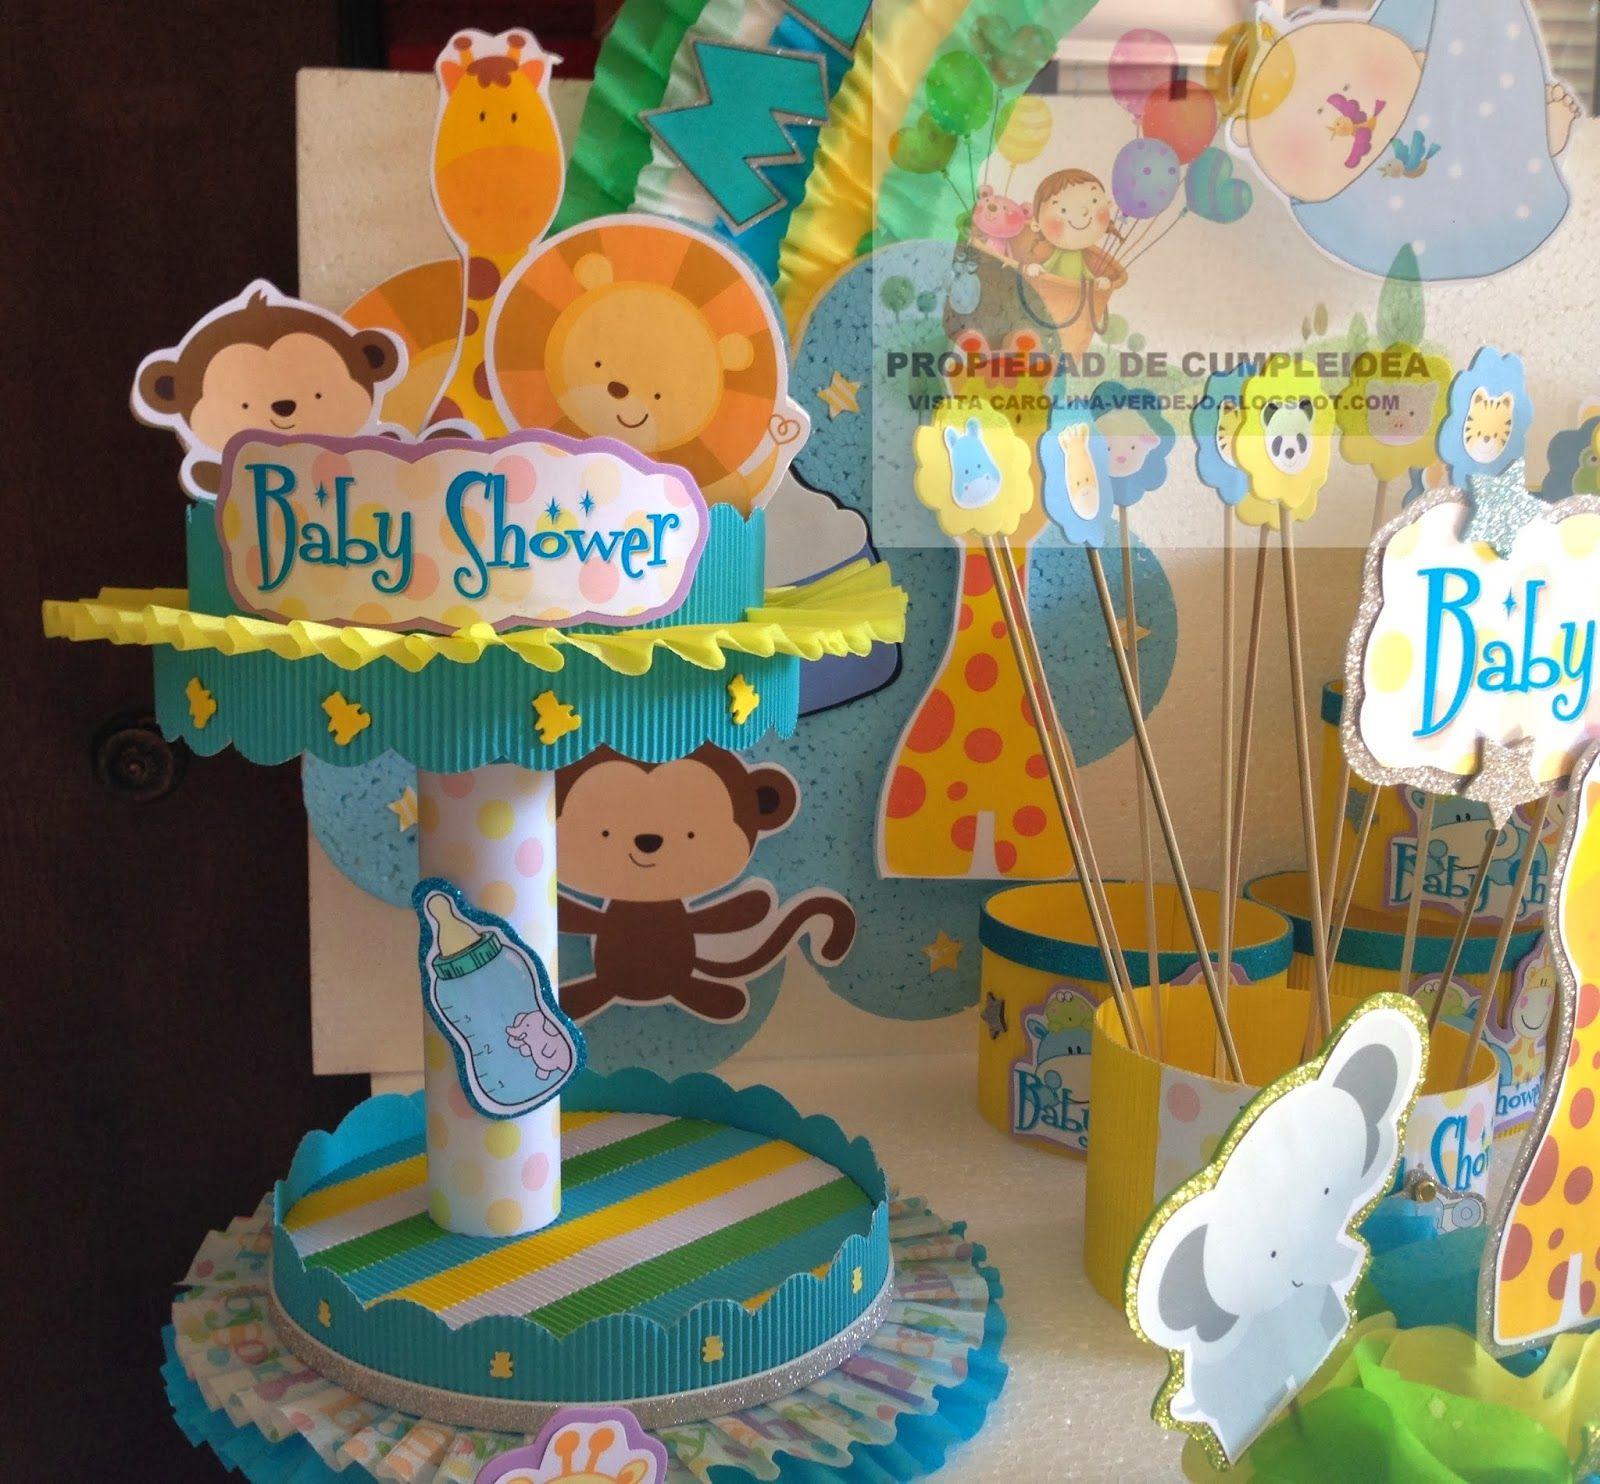 Decoraciones infantiles baby shower animalitos bb baby - Decoracion baby shower ...